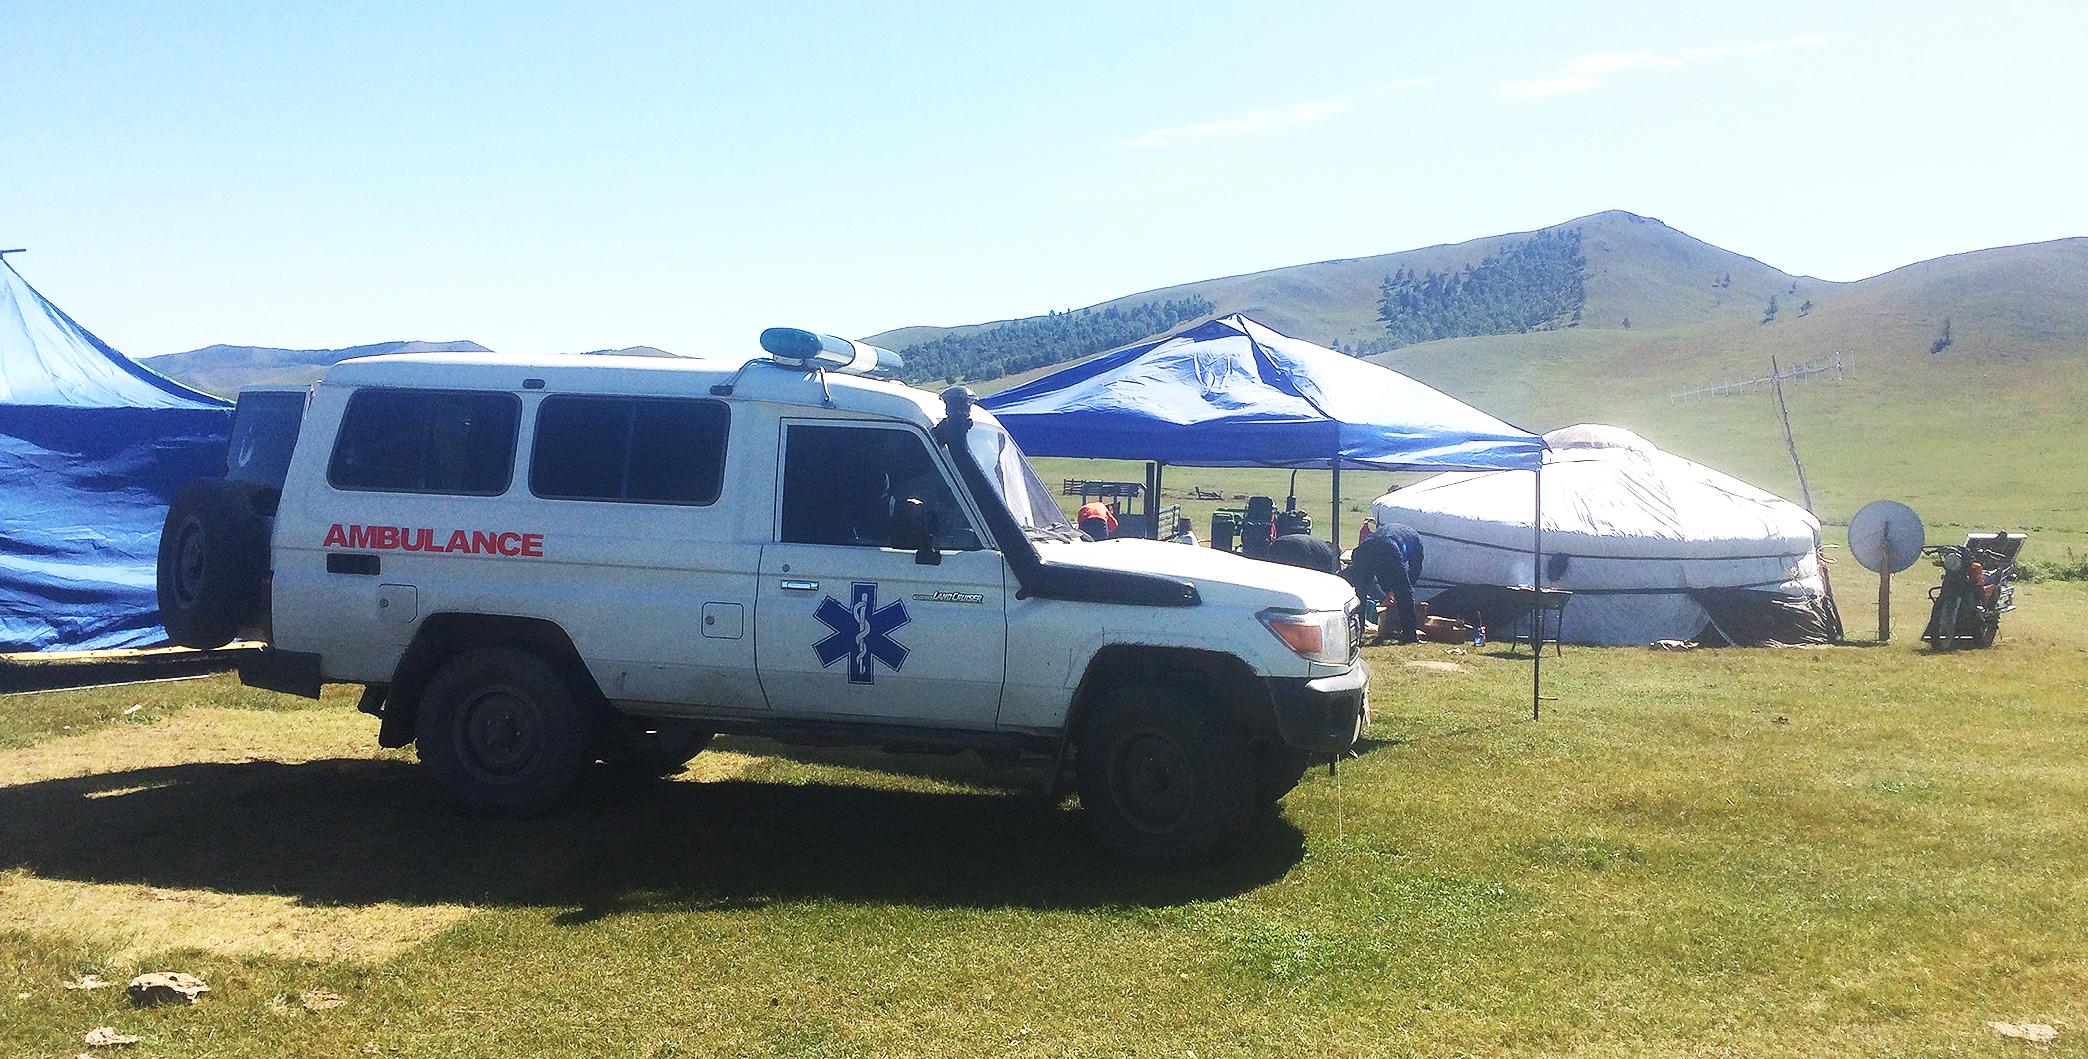 Im März 2020 werden zunächst Auszubildende der Feuerwehr Essen nach Ulaanbaatar reisen und dort ihr erlerntes Fachwissen anwenden.